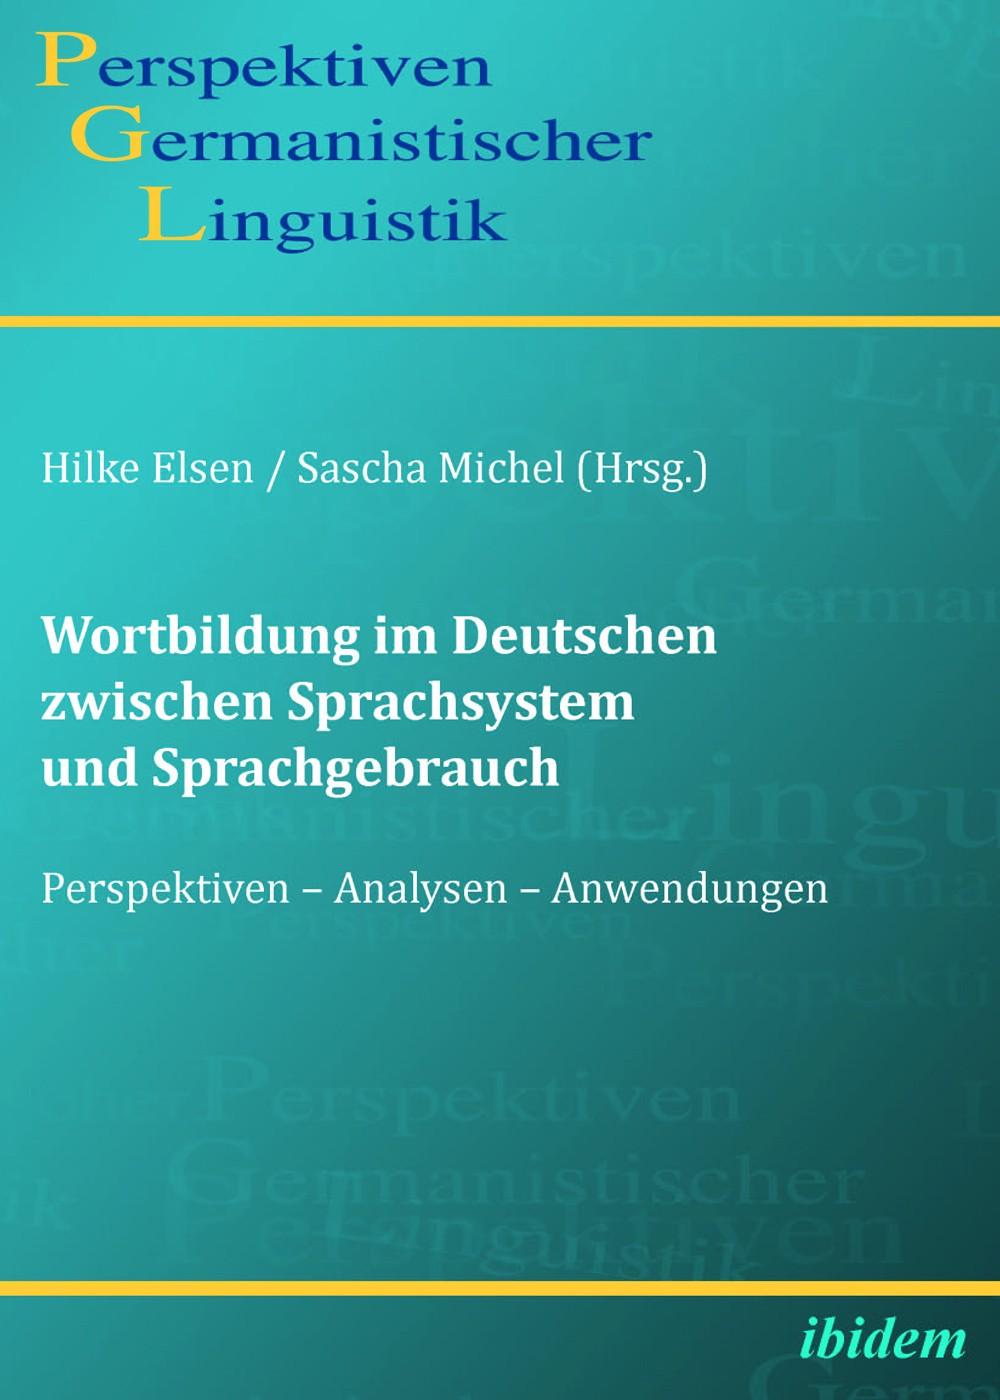 Wortbildung im Deutschen zwischen Sprachsystem und Sprachgebrauch